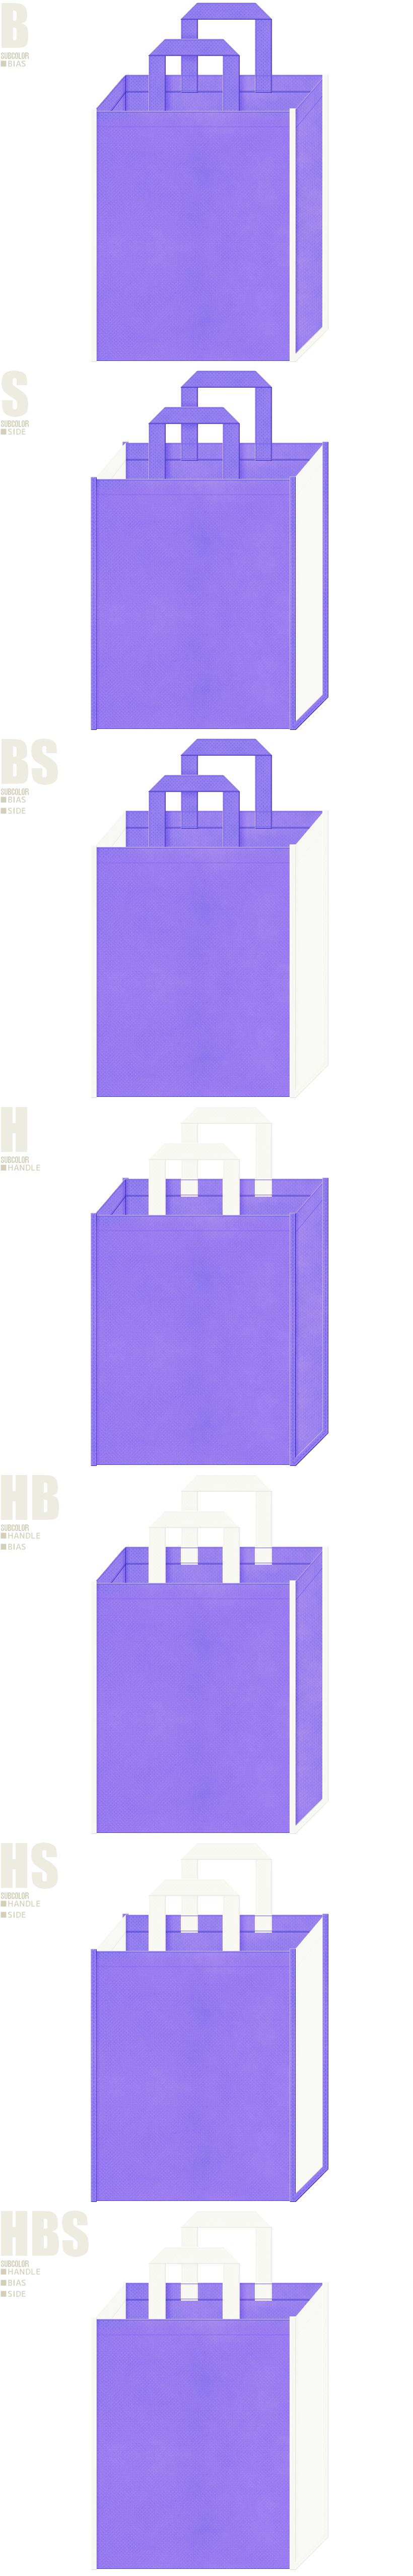 ジュエリー・パール・スター・天の川・ユニコーン・スワン・バレエ・楽団・理容・美容・医療施設・福祉施設・保育施設・介護施設にお奨めの不織布バッグデザイン:薄紫色とオフホワイト色の配色7パターン